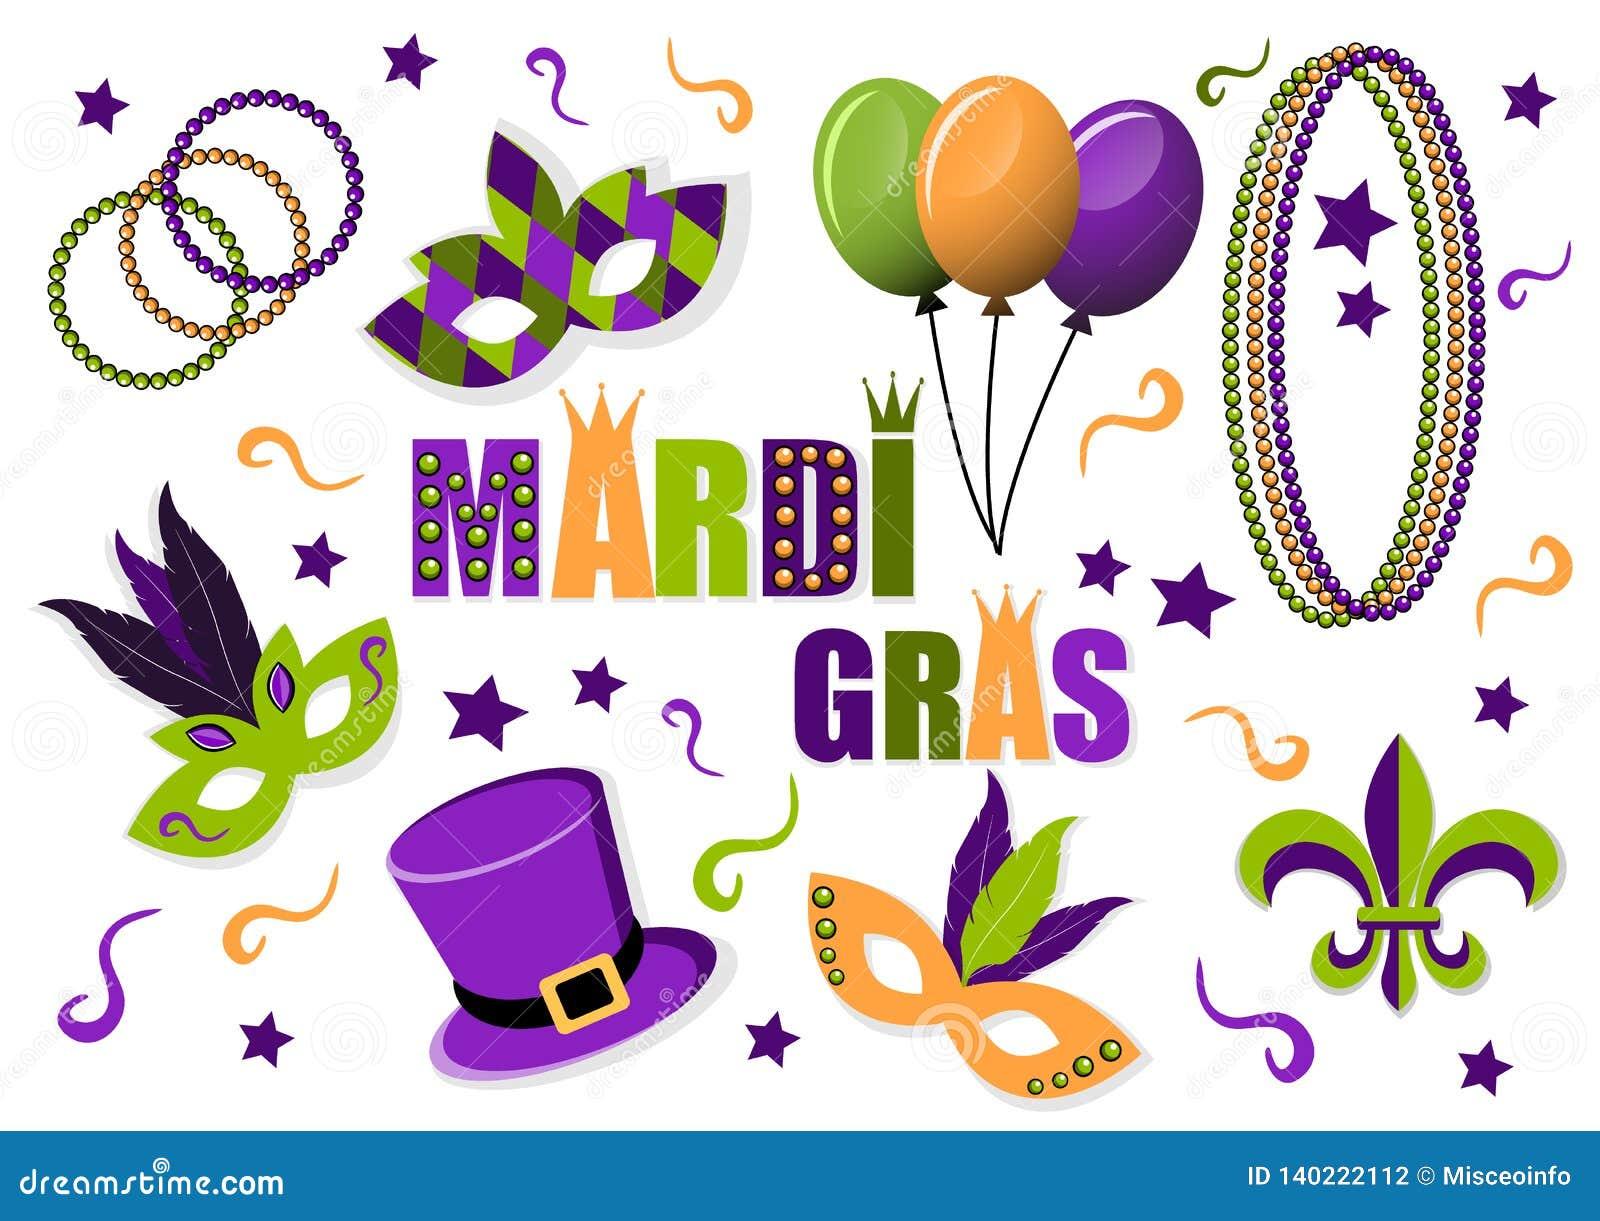 De reeks van Carnaval Mardi Gras vectorpictogrammen maskers Hoed ballons parels Fleur DE lis Mardi Gras Carnaval Vette Dinsdag